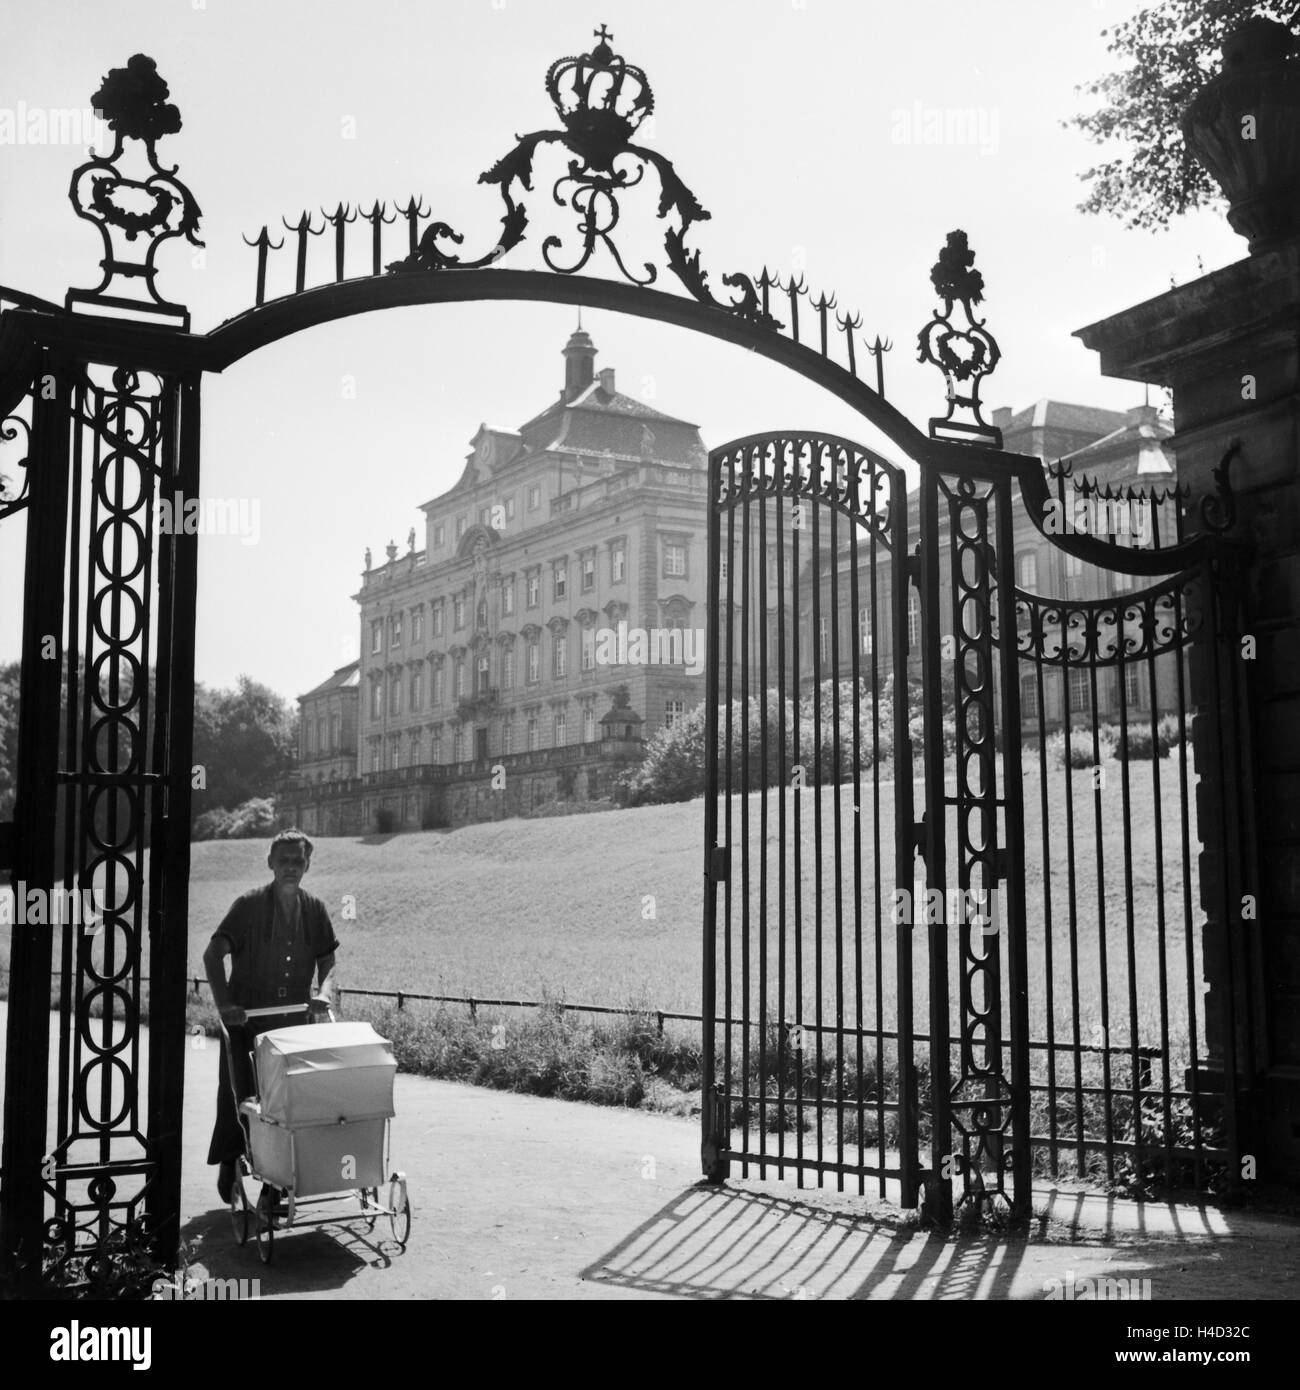 Eingang Zum Schloß in Ludwigsburg Bei Stuttgart, Deutschland, 1930er Jahre. Eingang zum Schloss in Ludwigsburg Stockbild